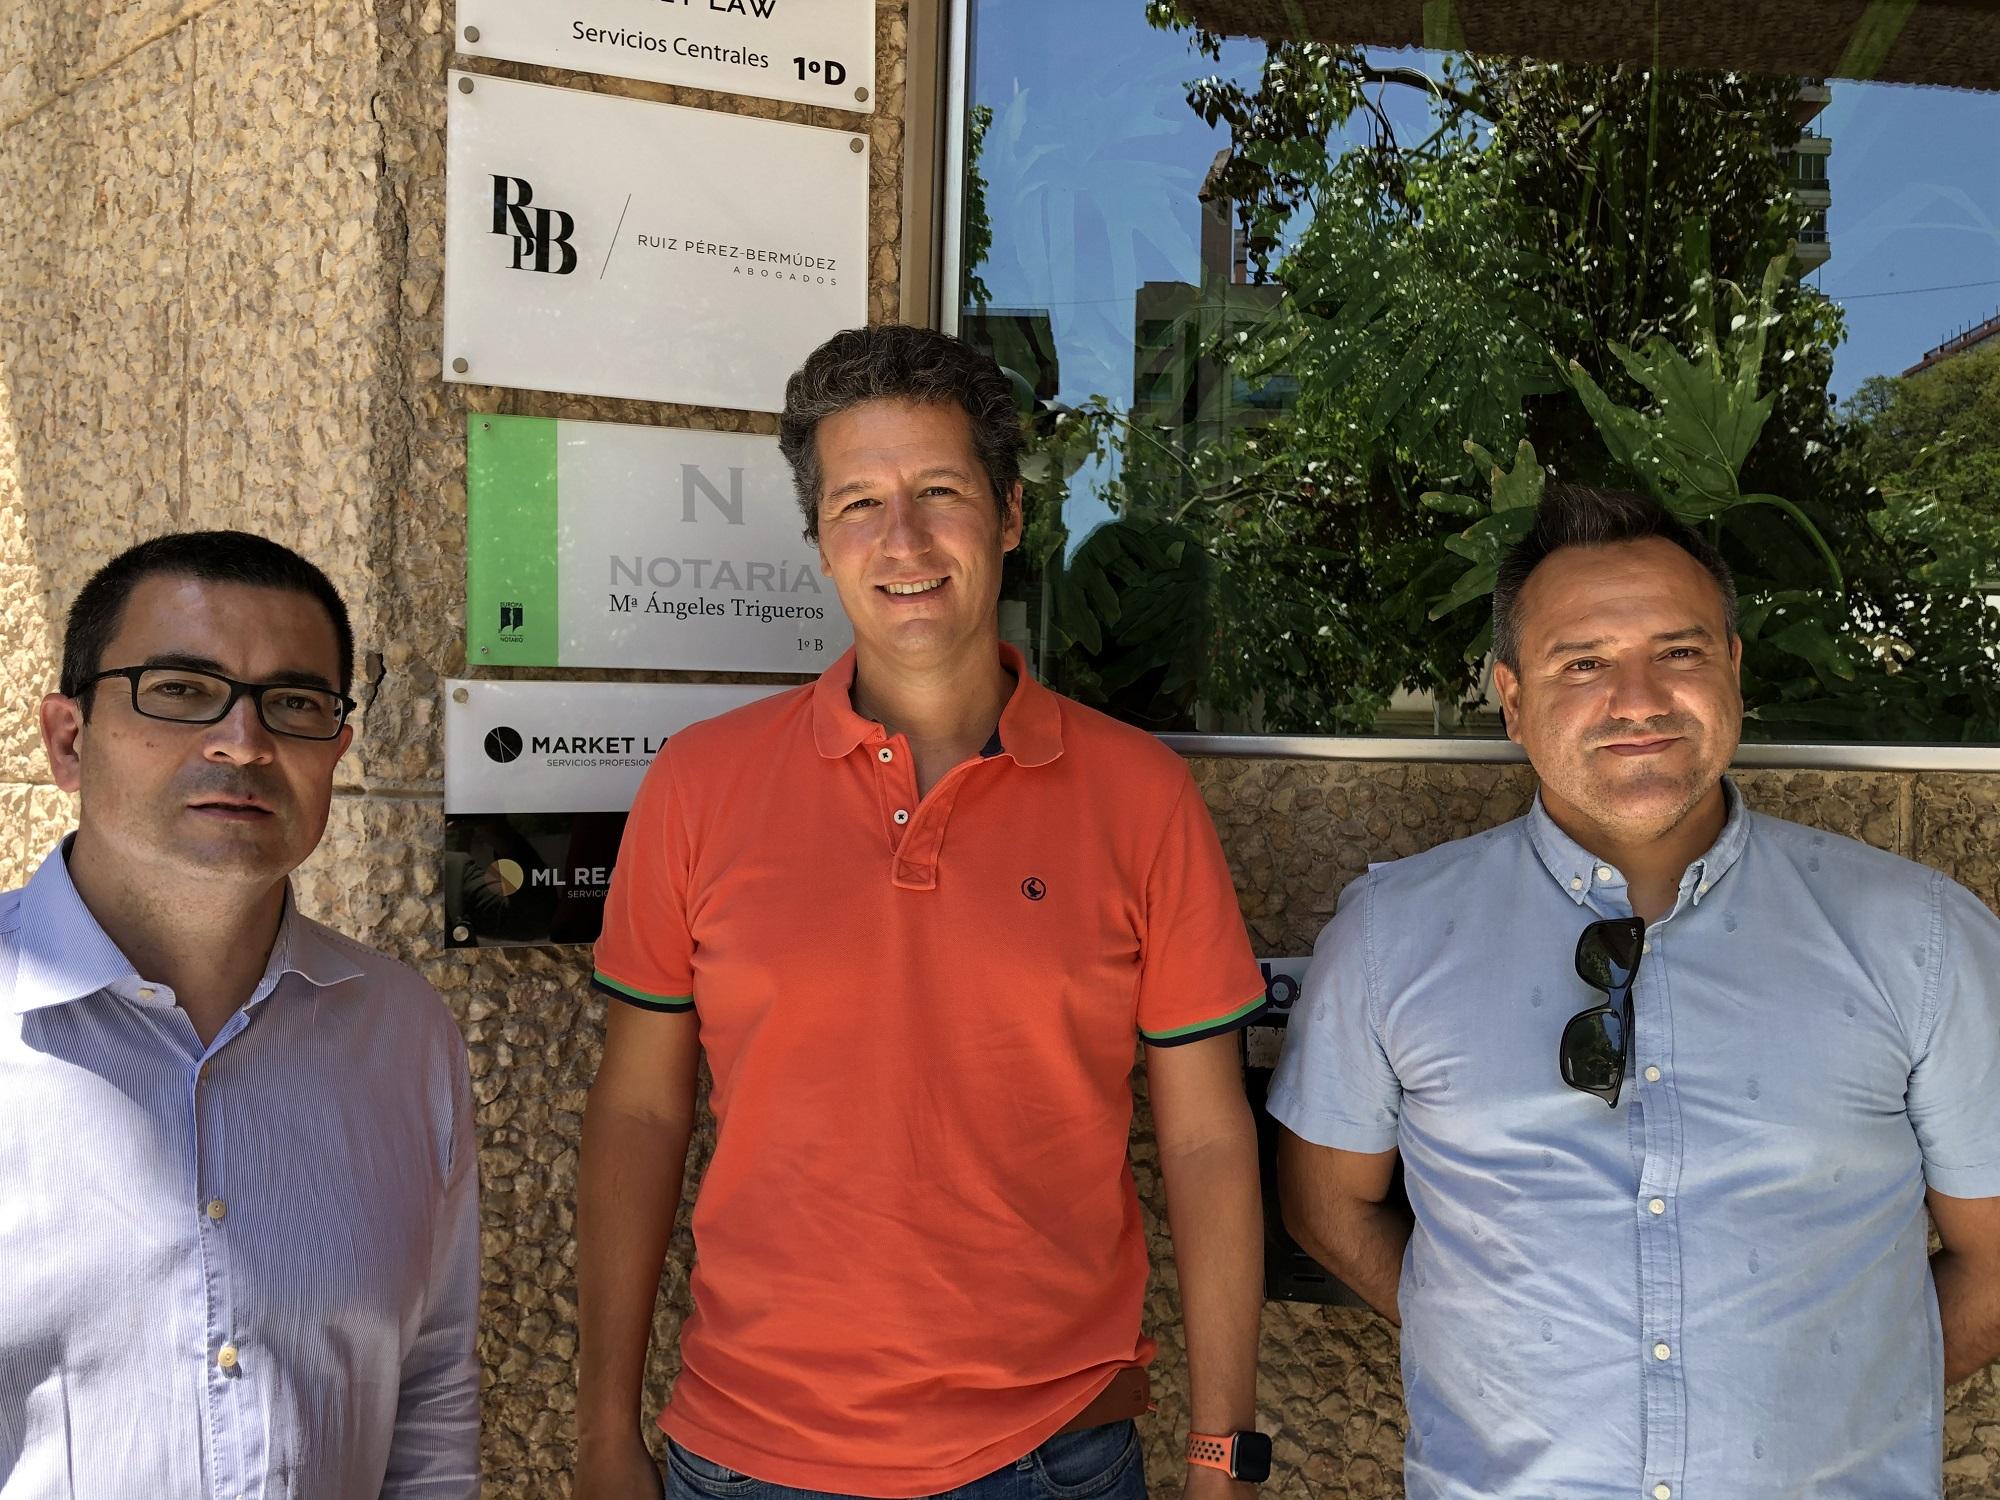 Bernardo Díaz, Juan Esteban y Pablo Oliete el día de la Constitución de IDDI Design el 23 de junio 2020.